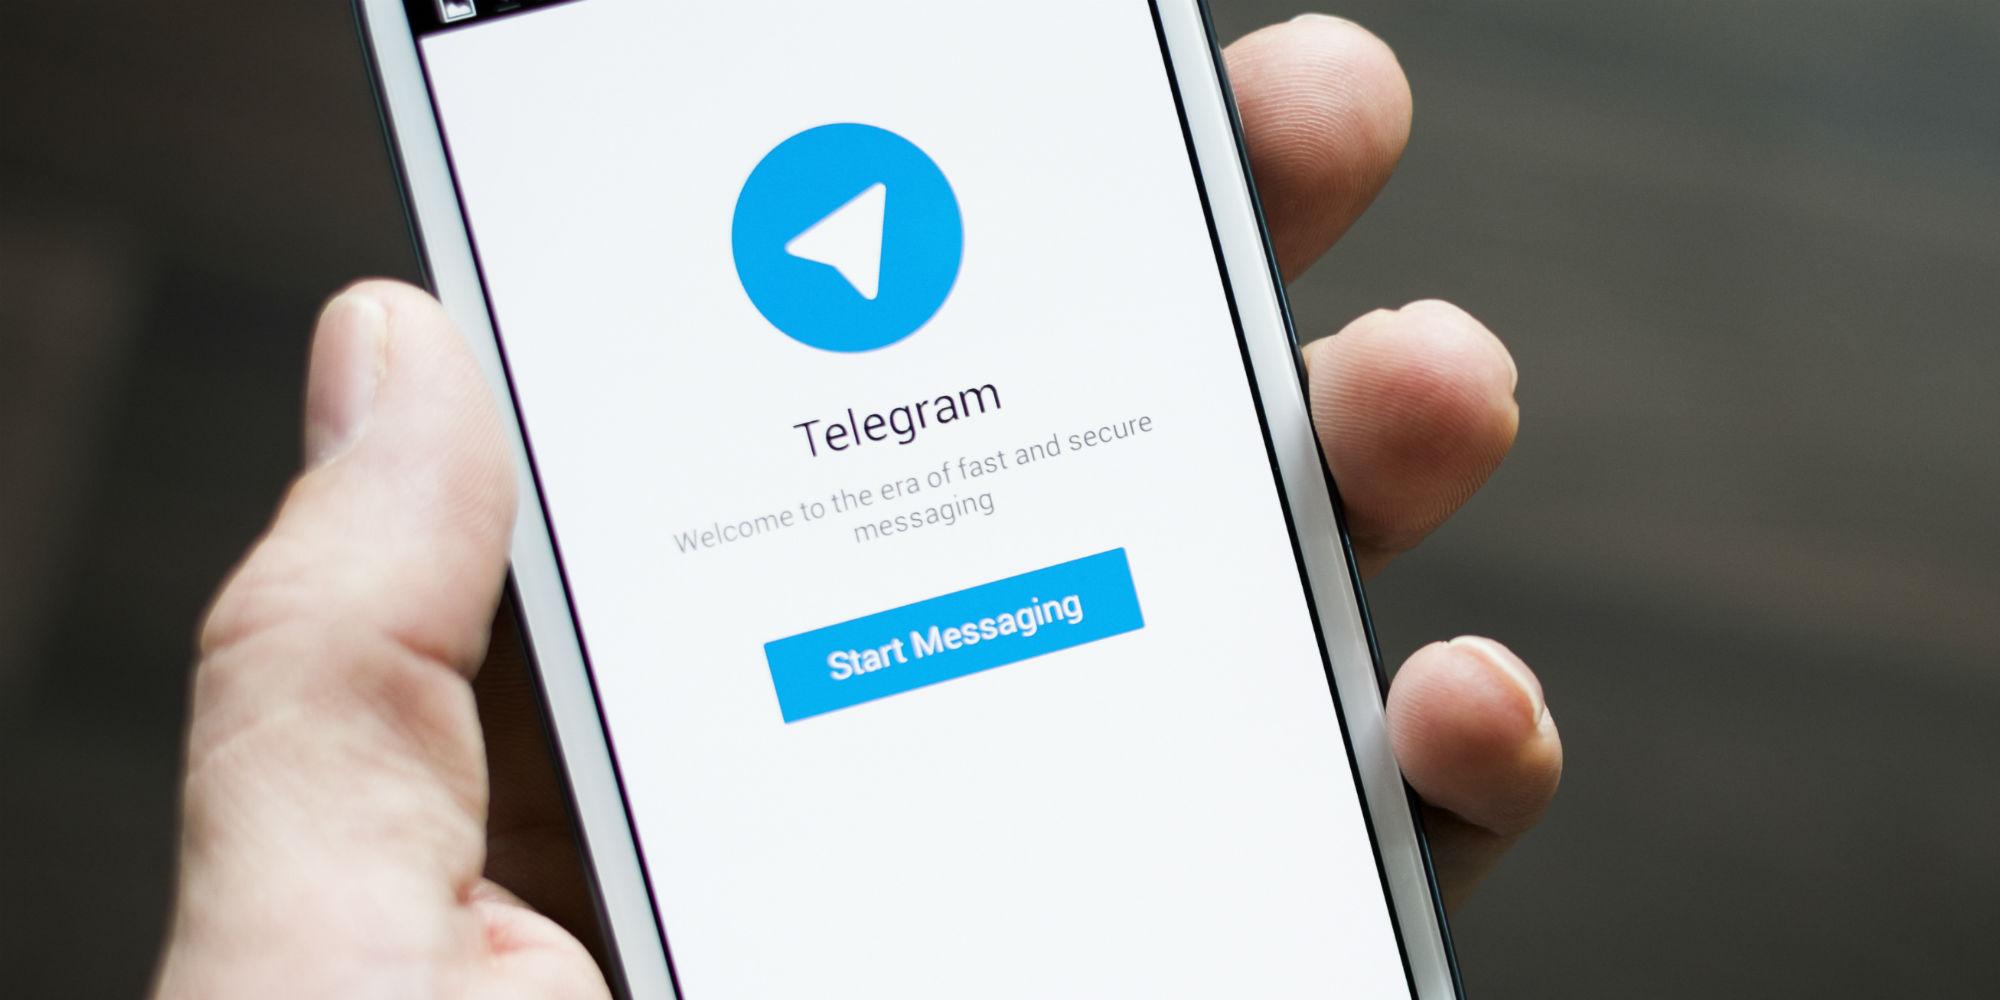 [BugBounty] Раскрытие 5 миллионов ссылок в приватные чаты Telegram и возможность редактирования любой статьи telegra.ph - 1